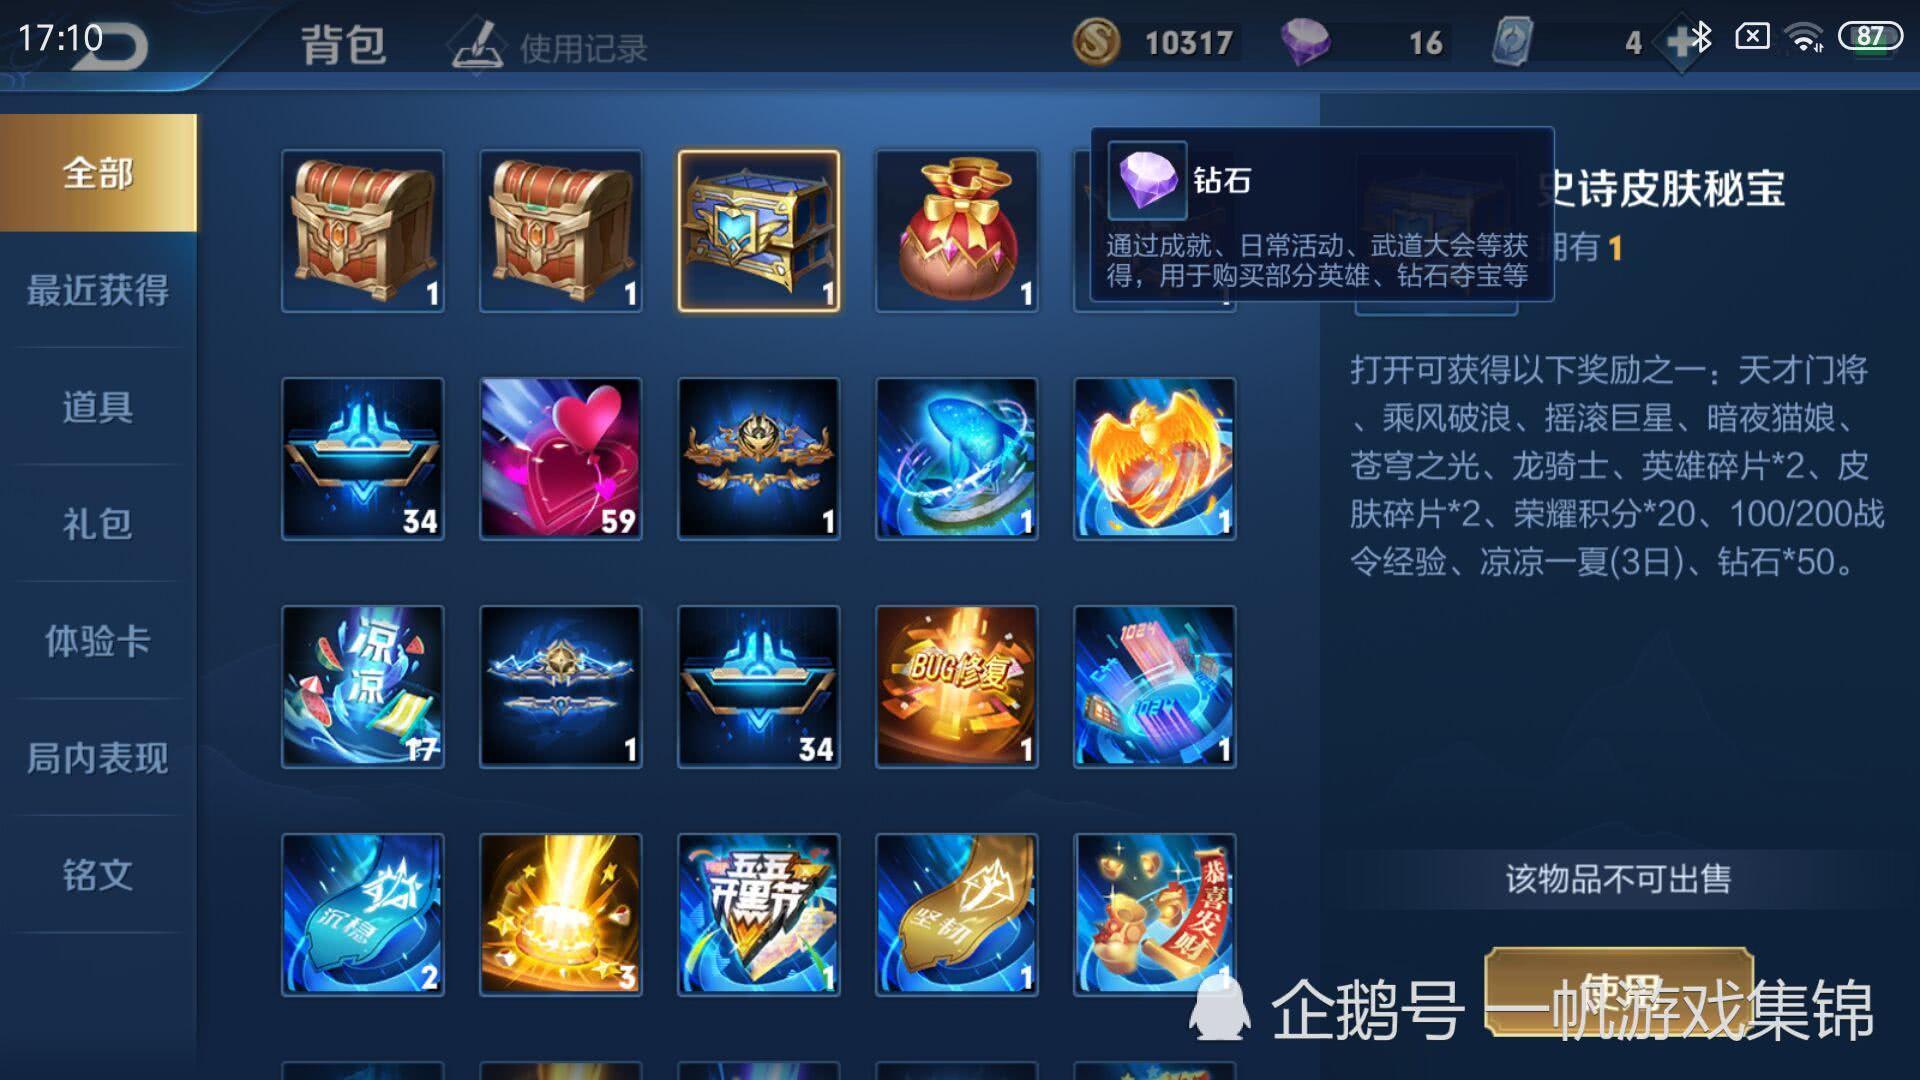 <b>王者荣耀:玩家无意打开十个箱子,收获两款永久皮,神豪都羡慕!</b>